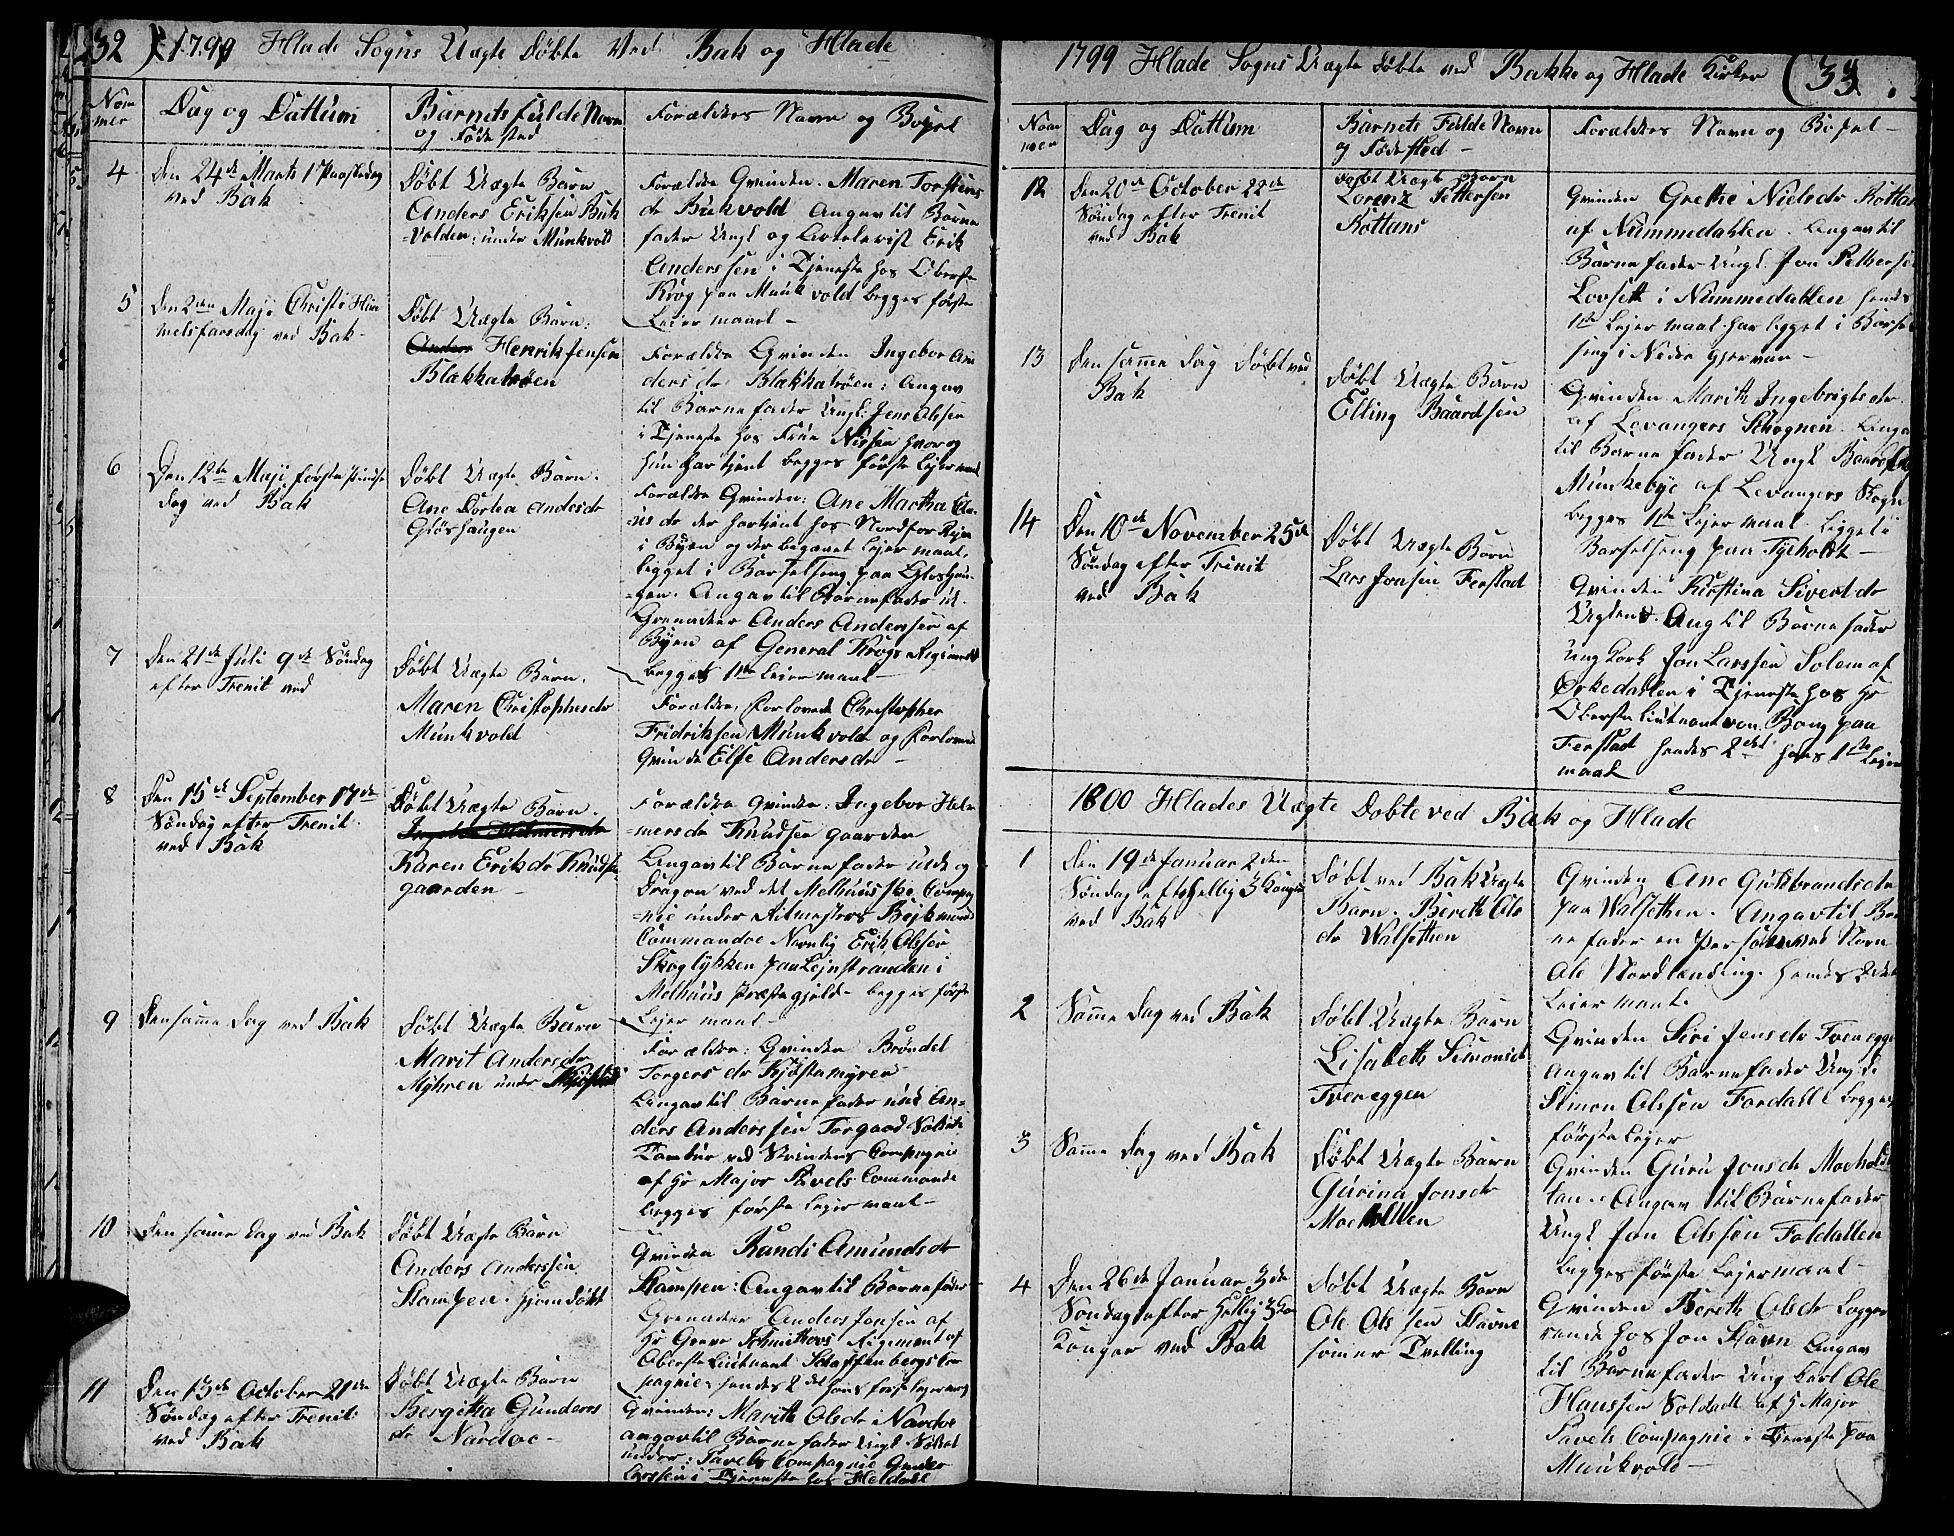 SAT, Ministerialprotokoller, klokkerbøker og fødselsregistre - Sør-Trøndelag, 606/L0306: Klokkerbok nr. 606C02, 1797-1829, s. 32-33